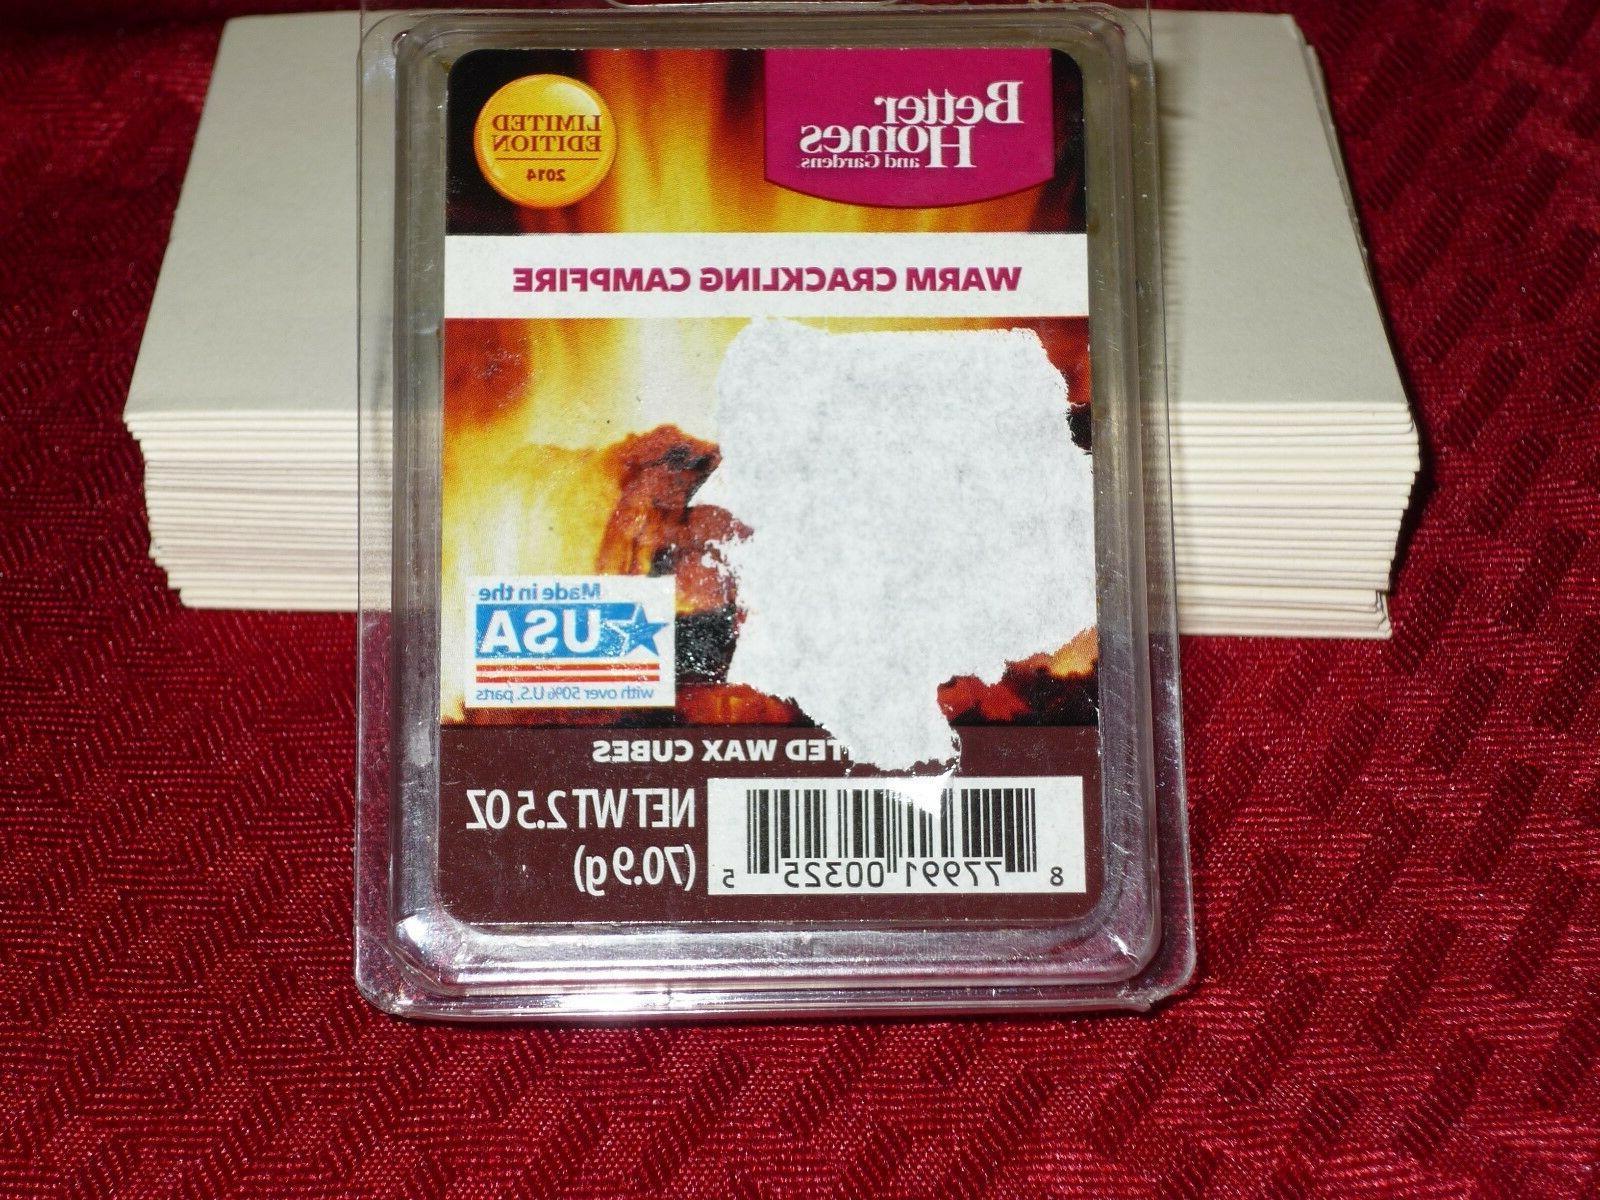 WARM CAMPFIRE HOMES & GARDENS Wax Cubes/Melts NEW